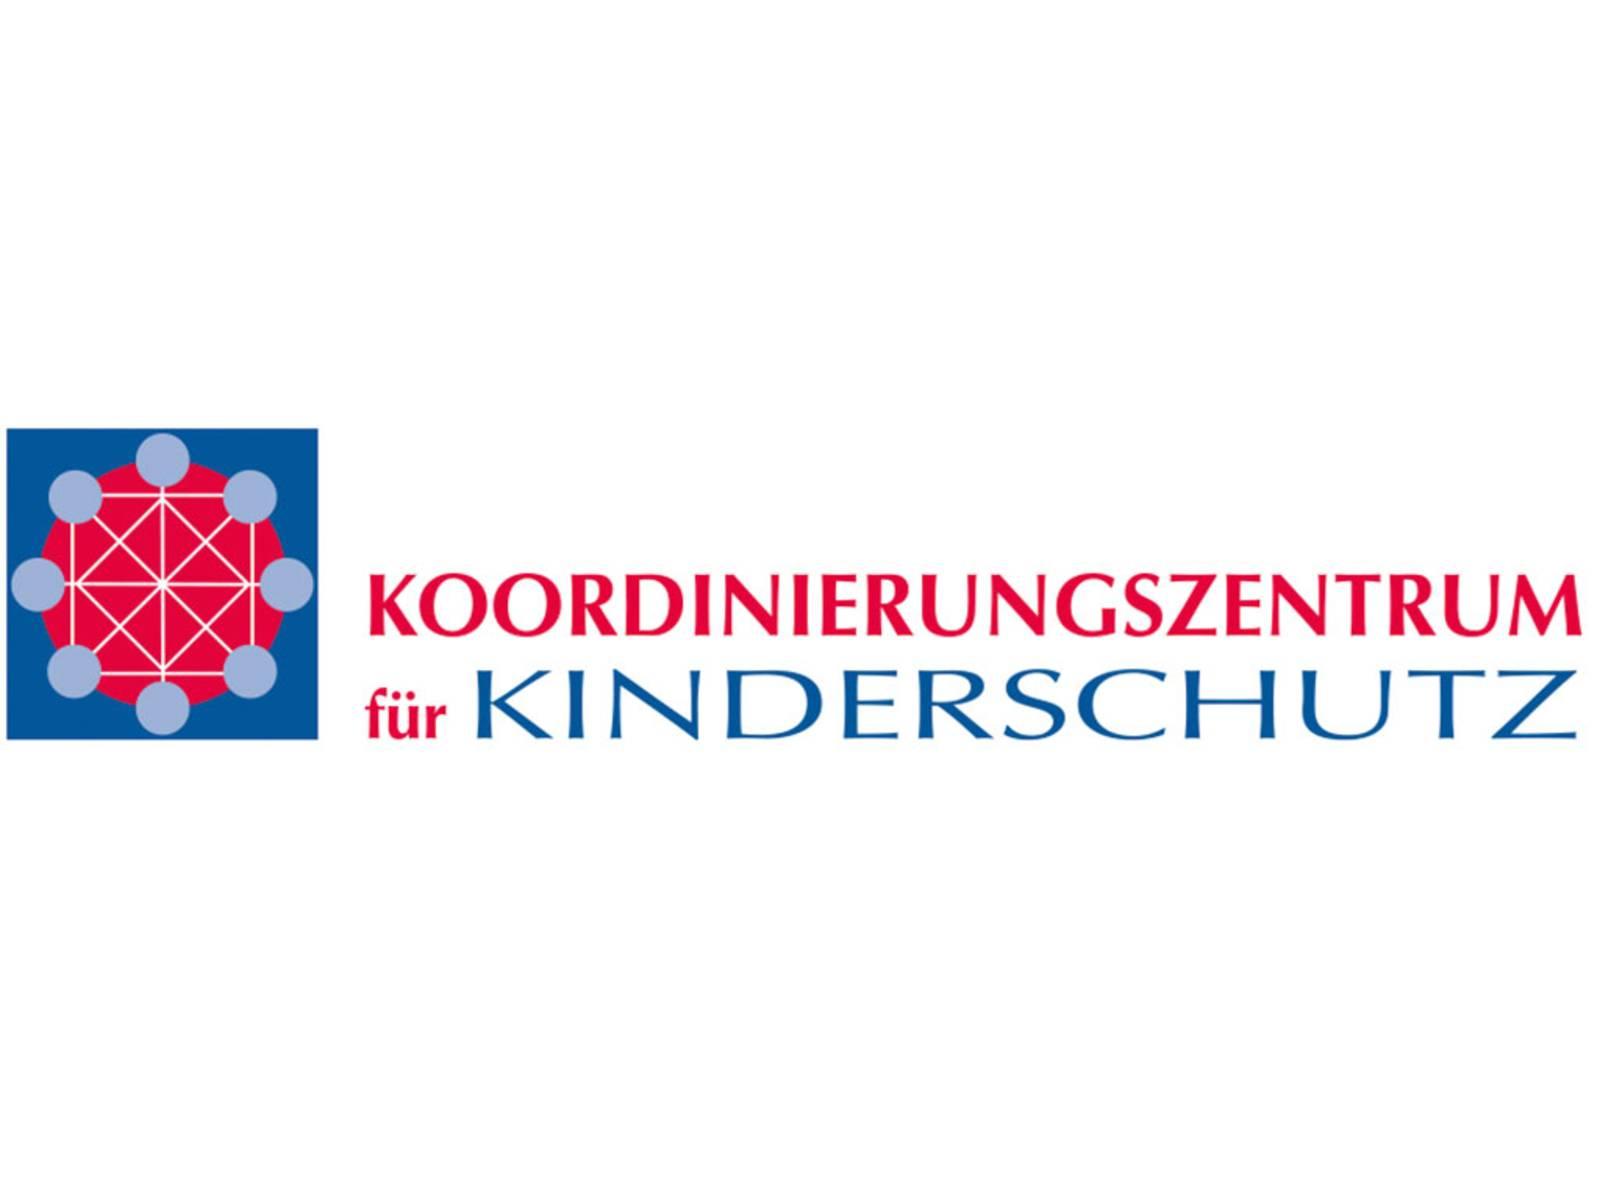 Koordinierungszentrum Kinderschutz - Logo